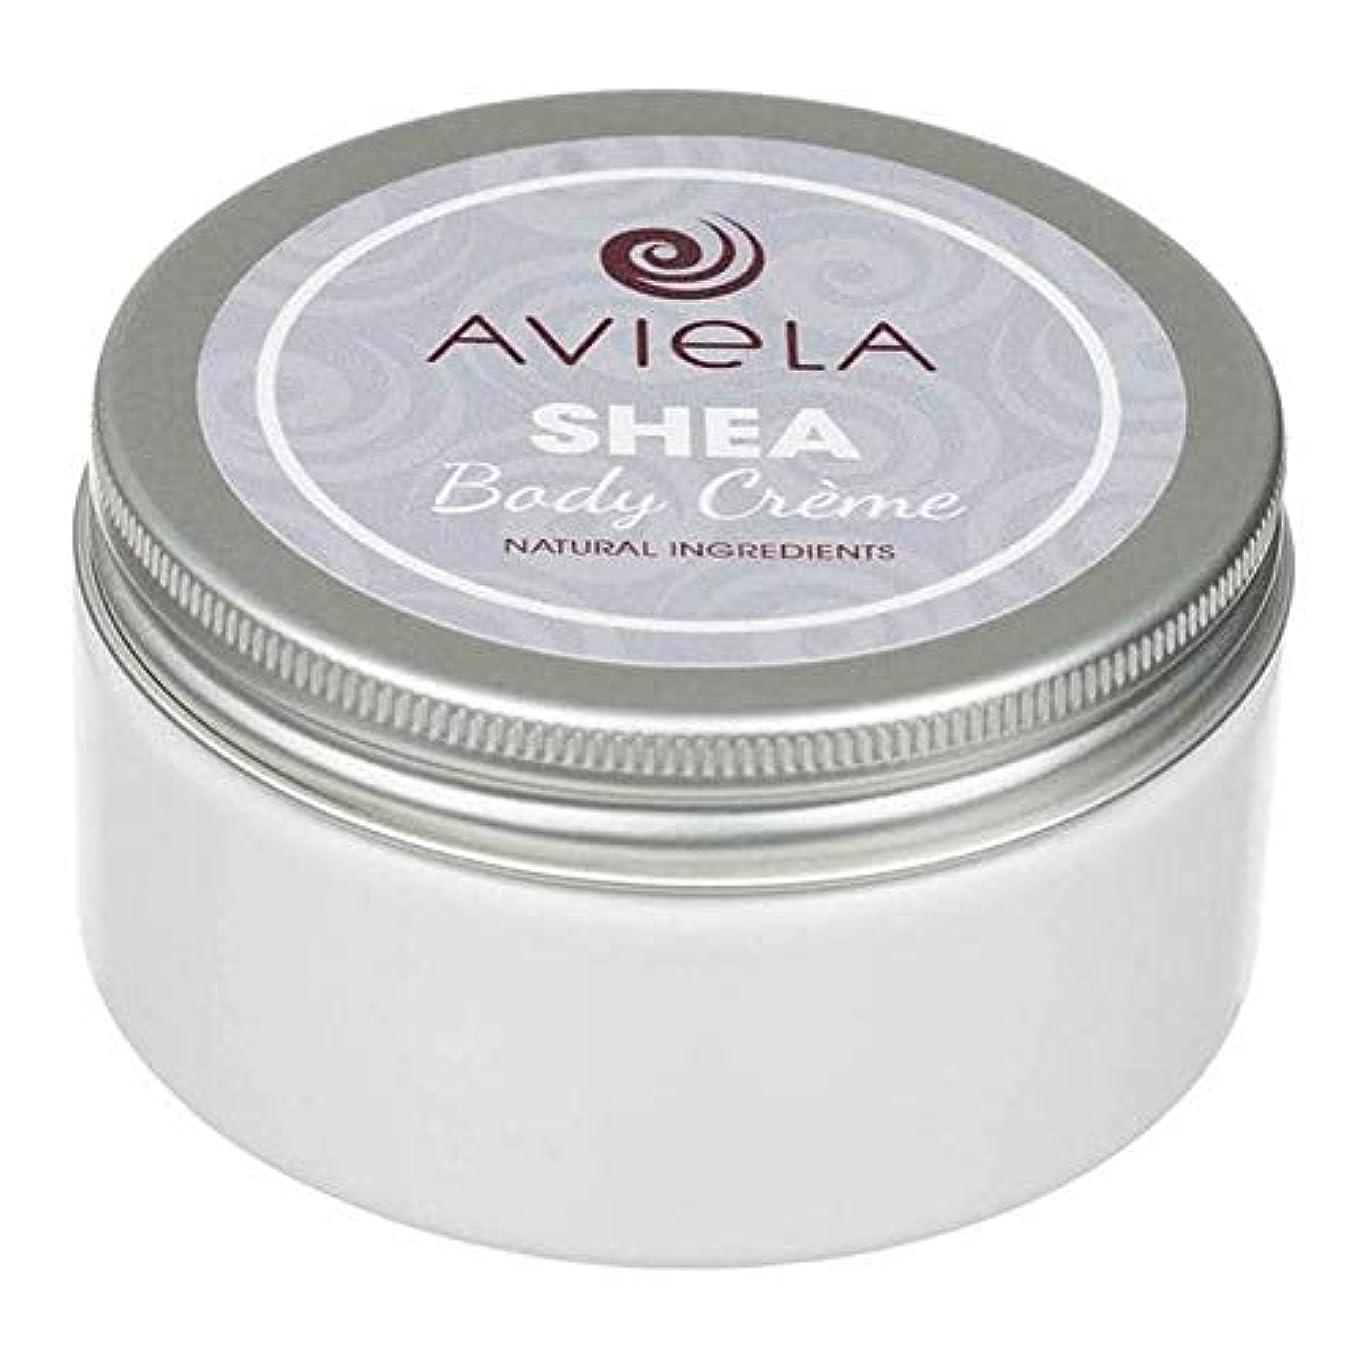 身元失礼な抽出[Aviela] Avielaシアボディクリーム200グラム - Aviela Shea Body Creme 200g [並行輸入品]